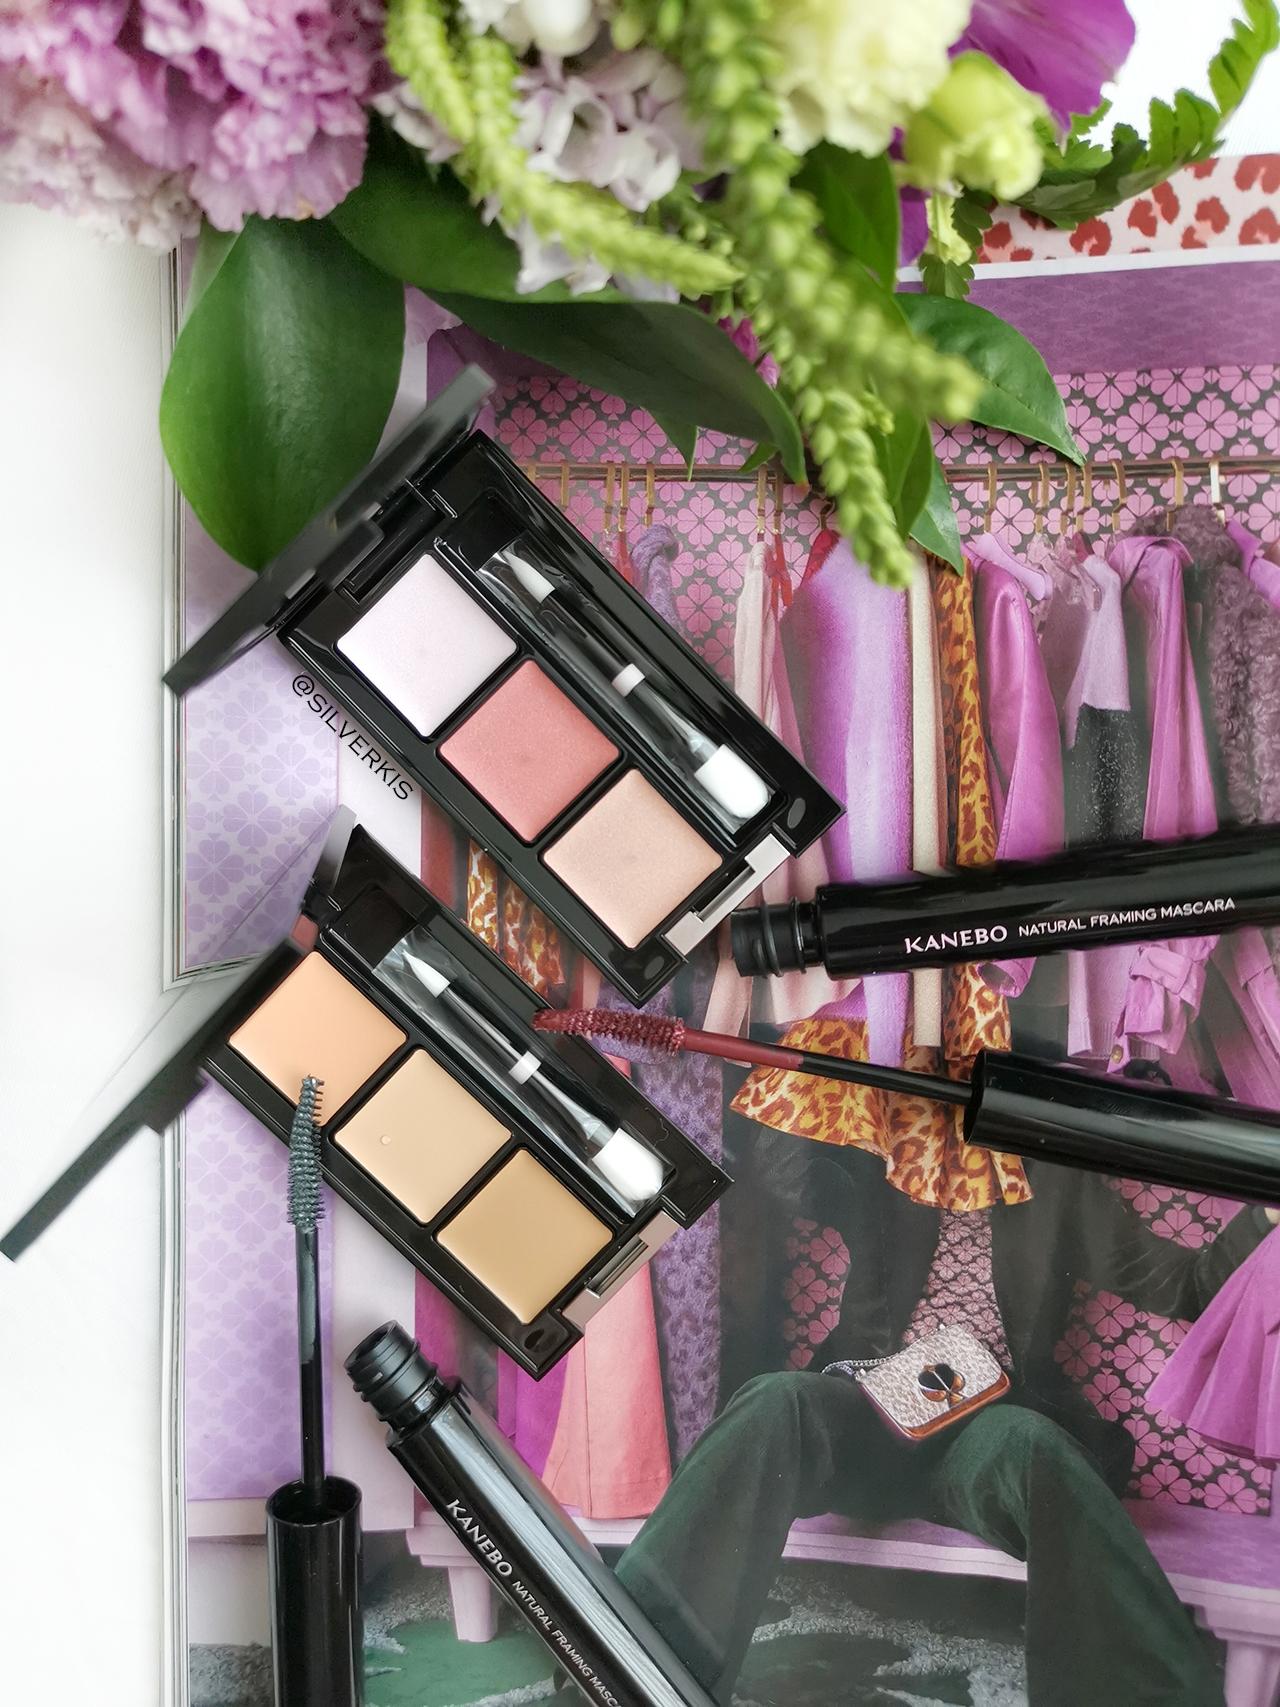 Kanebo Concealer & Shimmering Compacts